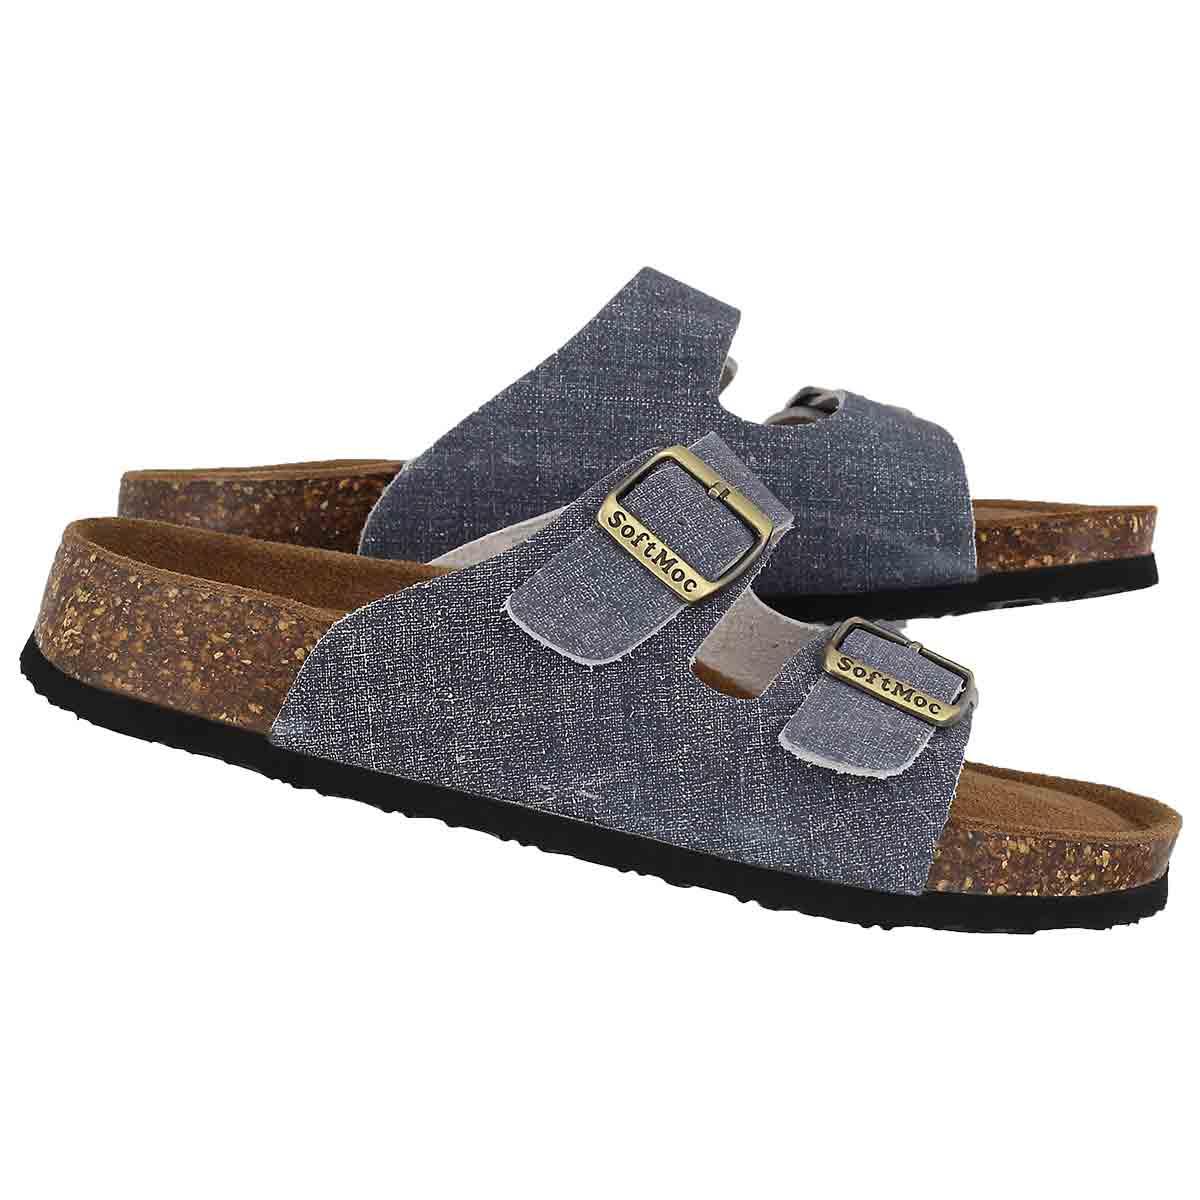 Lds Anna 5 denm memory foam slide sandal